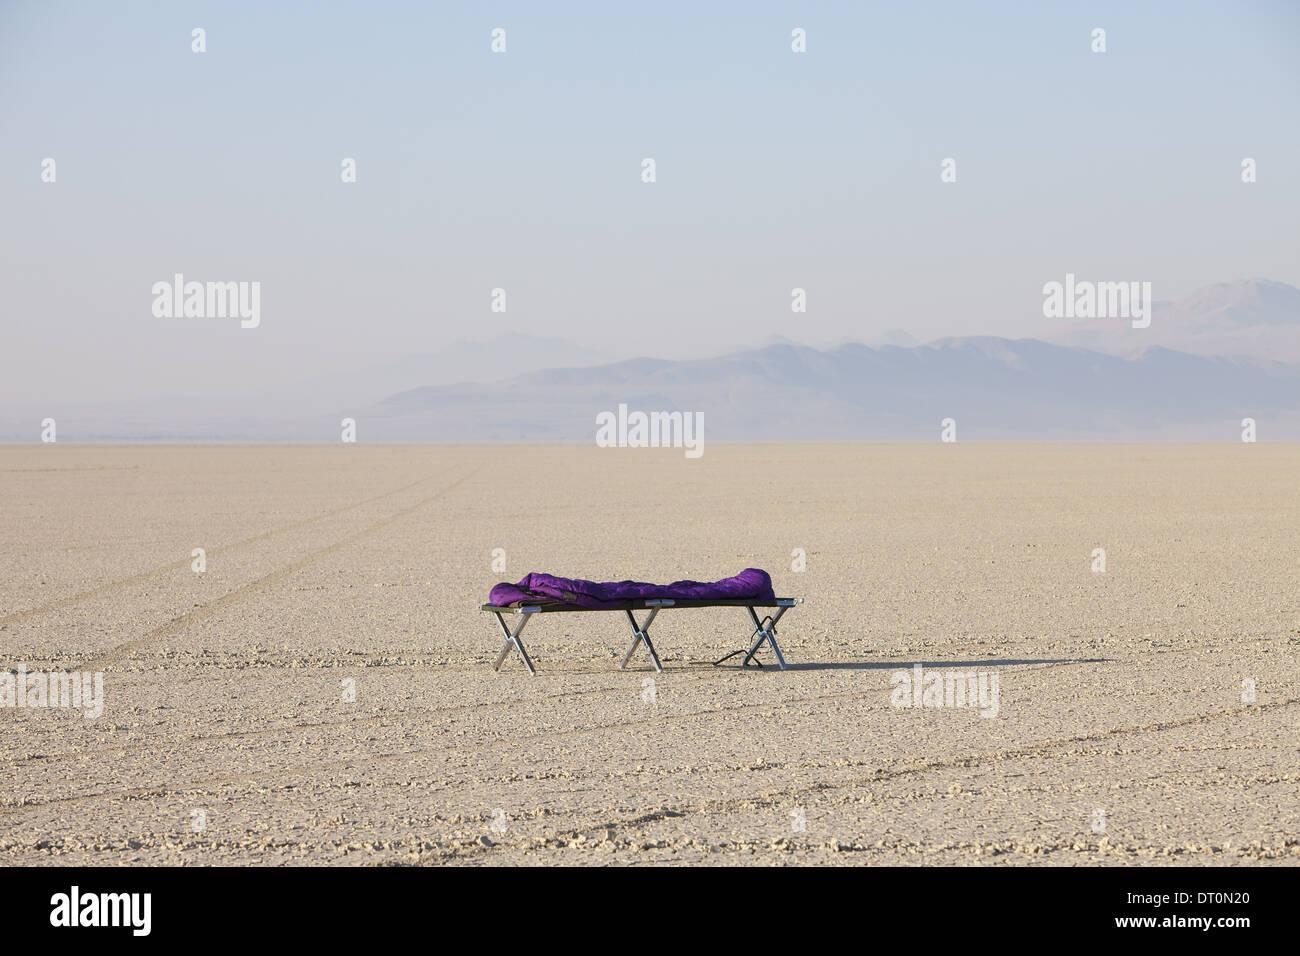 Black Rock Desert Nevada USA Sleeping bag on cot in vast barren desert dawn - Stock Image